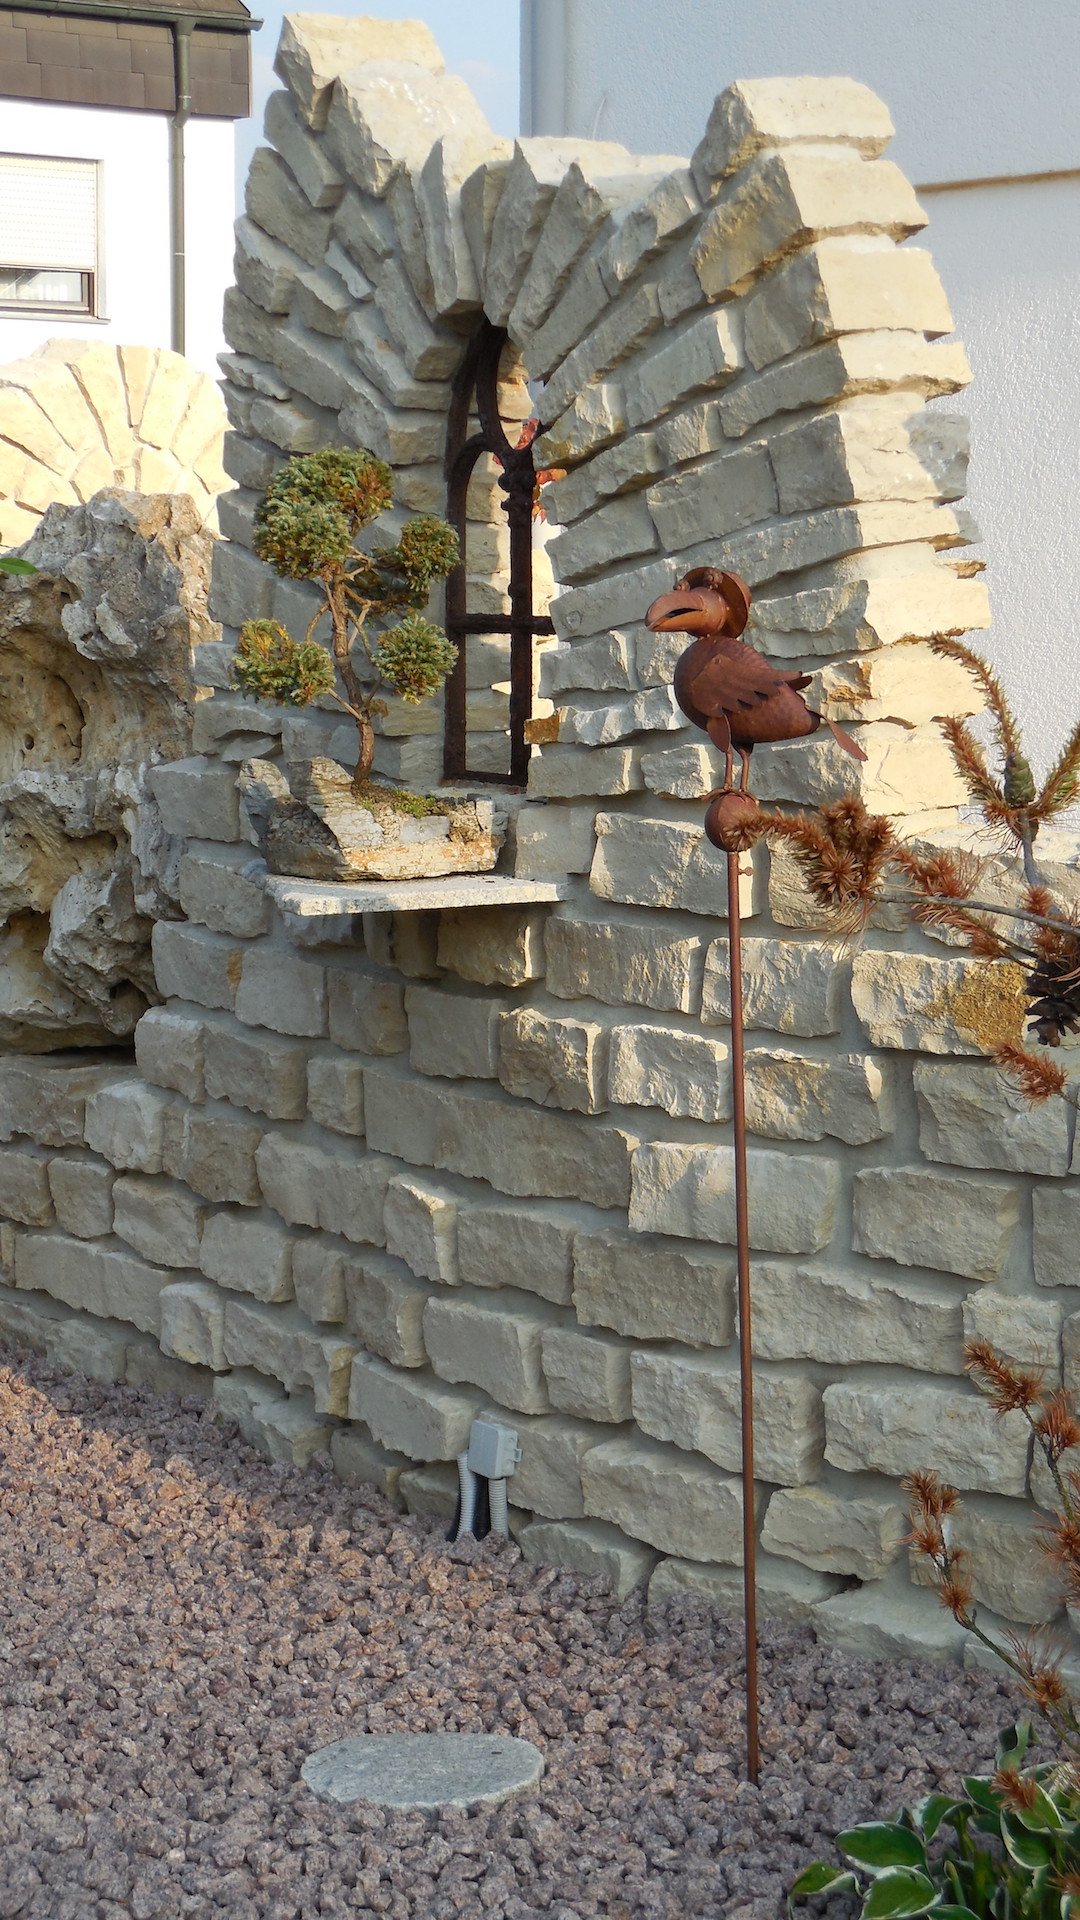 Gusseisernes Fenster und Naturstein - Gartenskulpturen aus Metall